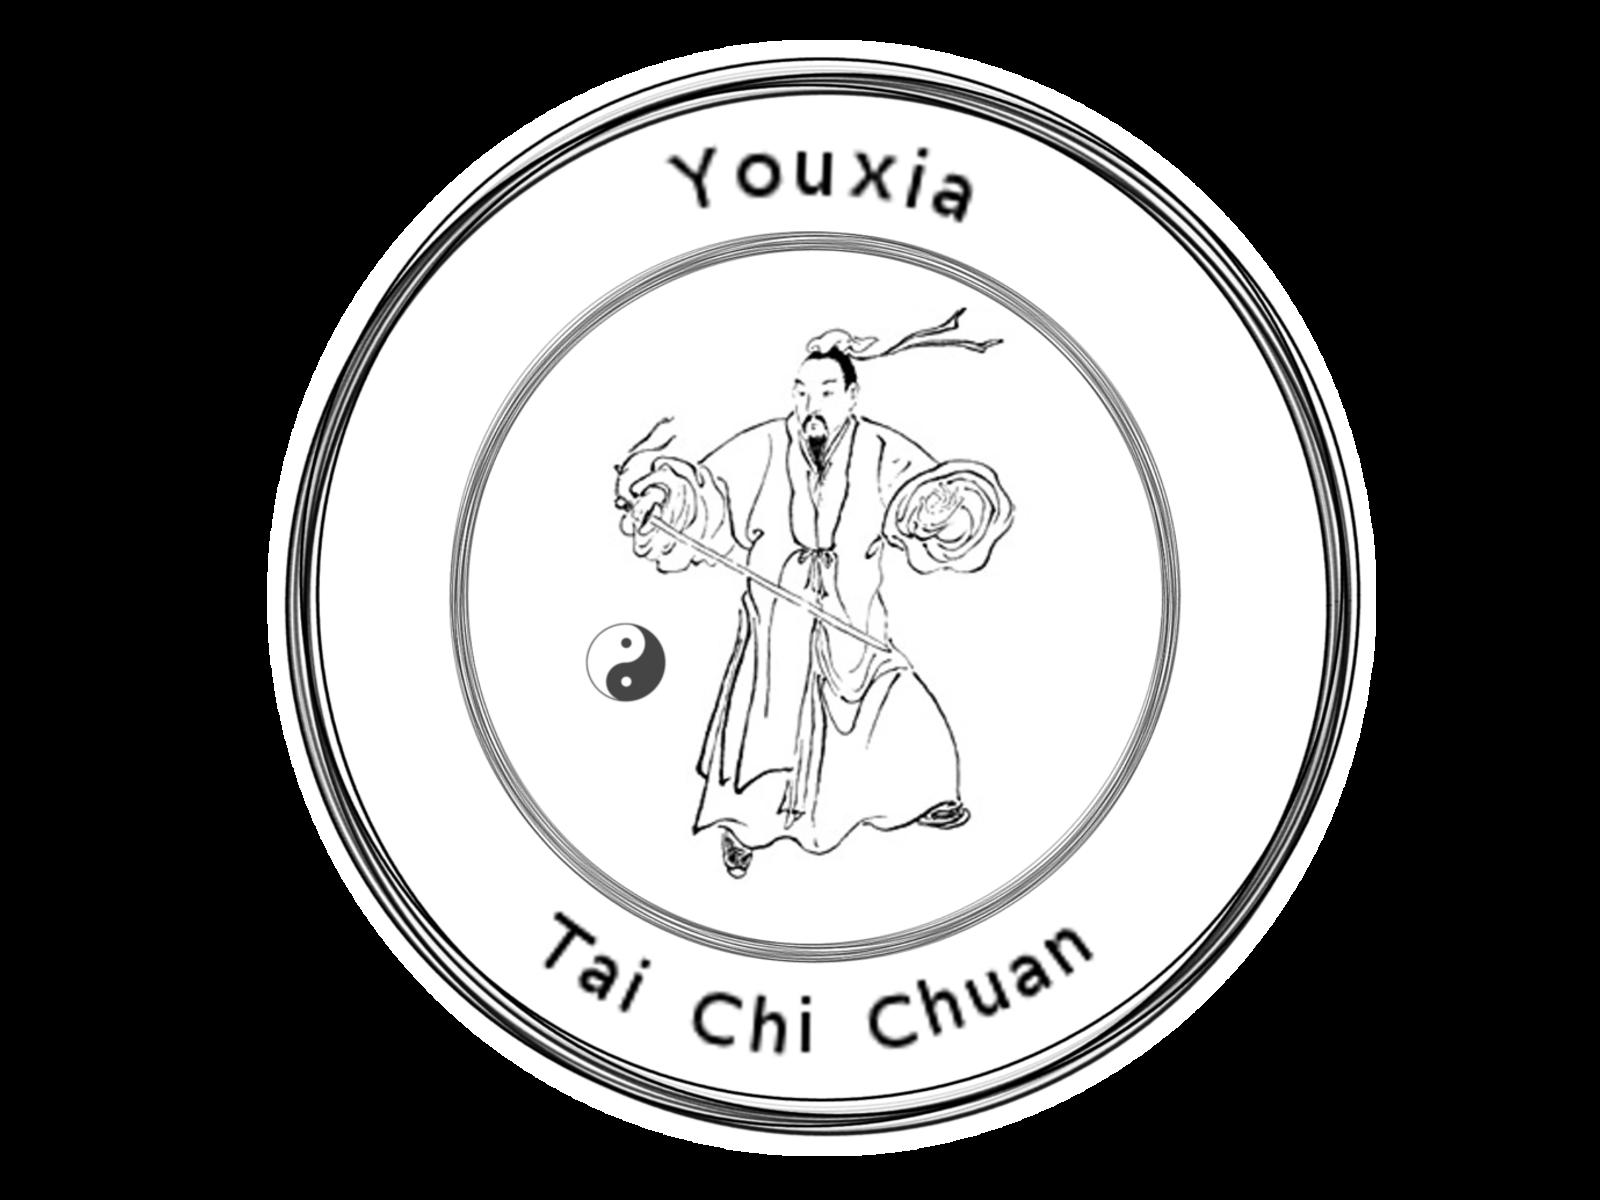 Youxia Tai Chi